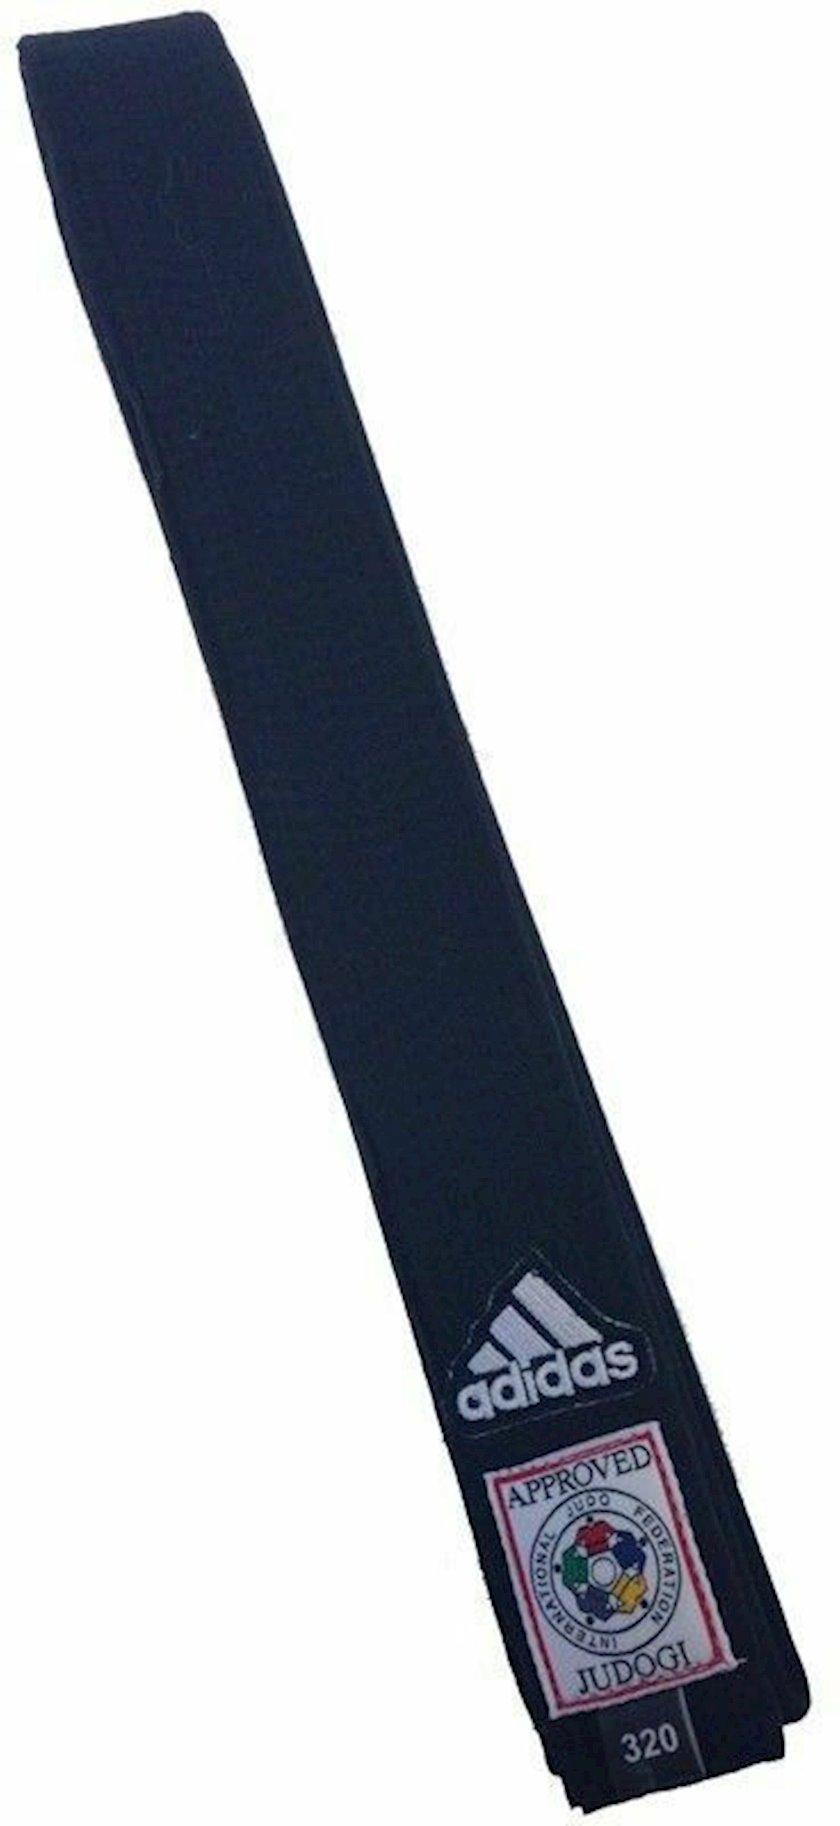 Cüdo üçün kəmər Adidas Elite IJF qara, uzunluq 340 sm